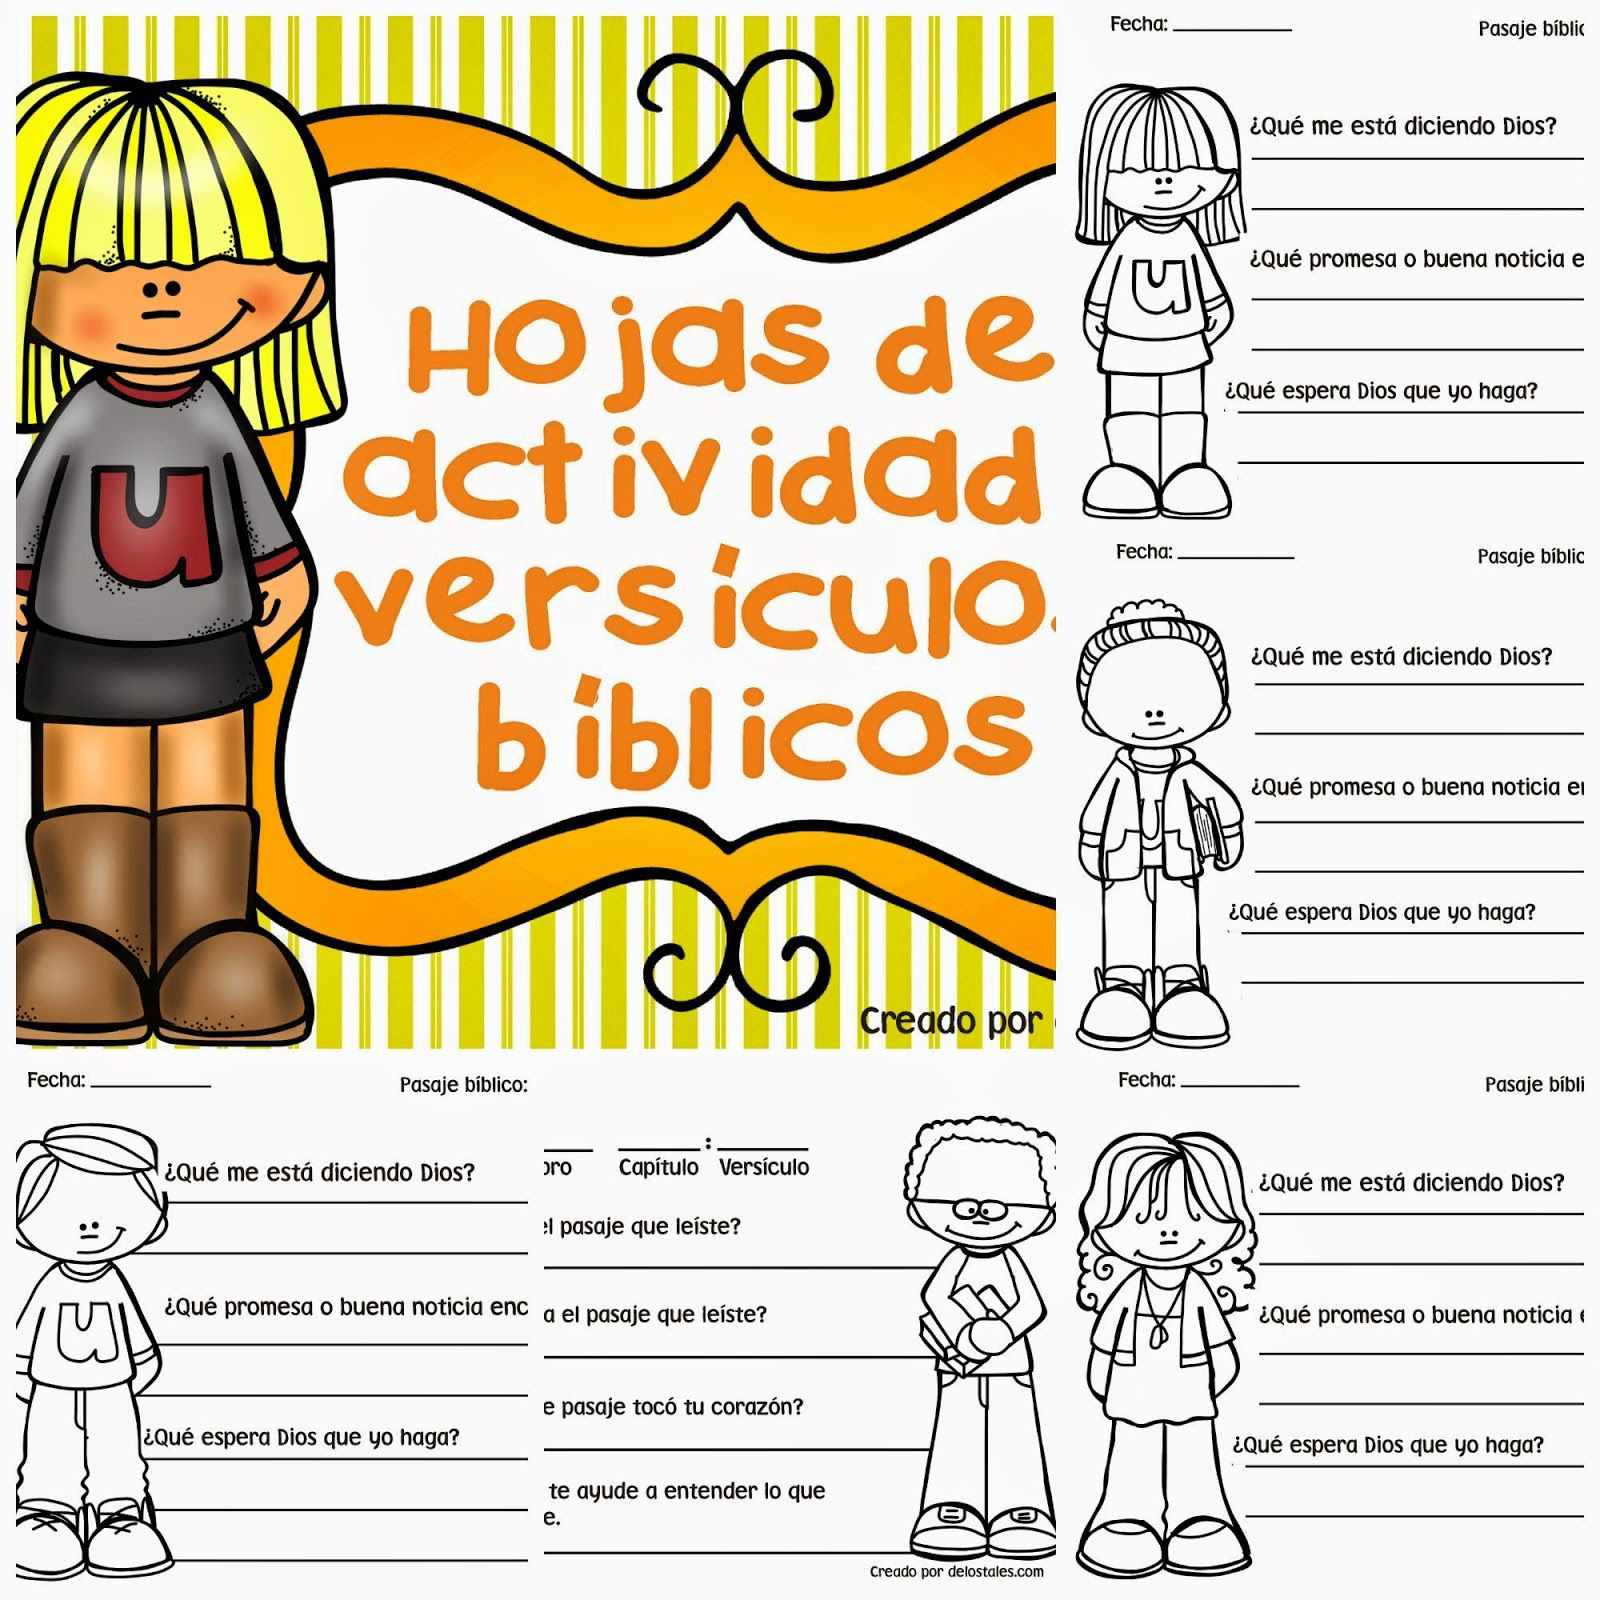 Hojas de actividad versículos bíblicos | Escuela bíblica | Pinterest ...